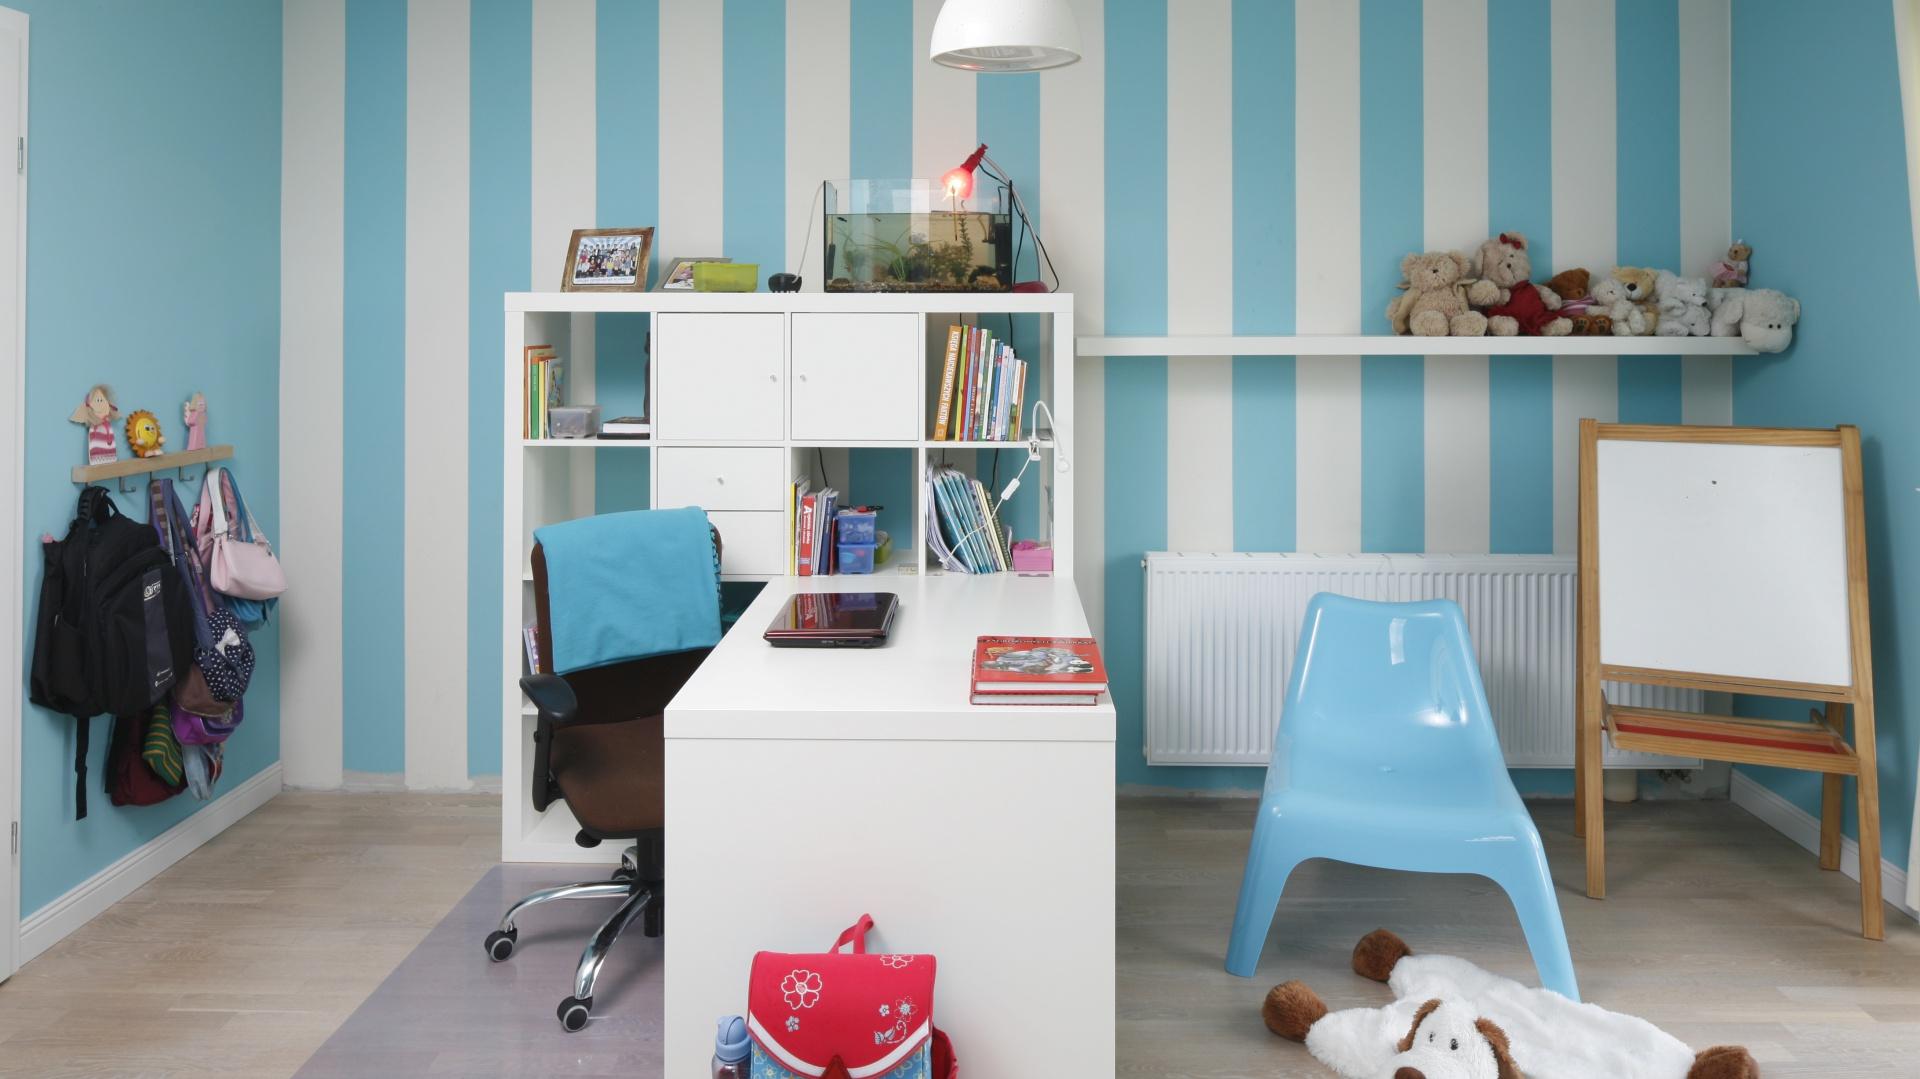 Biało-niebieskie pasy na ścianie obok biurka wyznaczają przestrzeń nauki, a także sprawiają, że pomieszczenie na poddaszu wydaje się wyższe. Projekt: Beata Ignasiak-Wasik. Fot. Bartosz Jarosz.